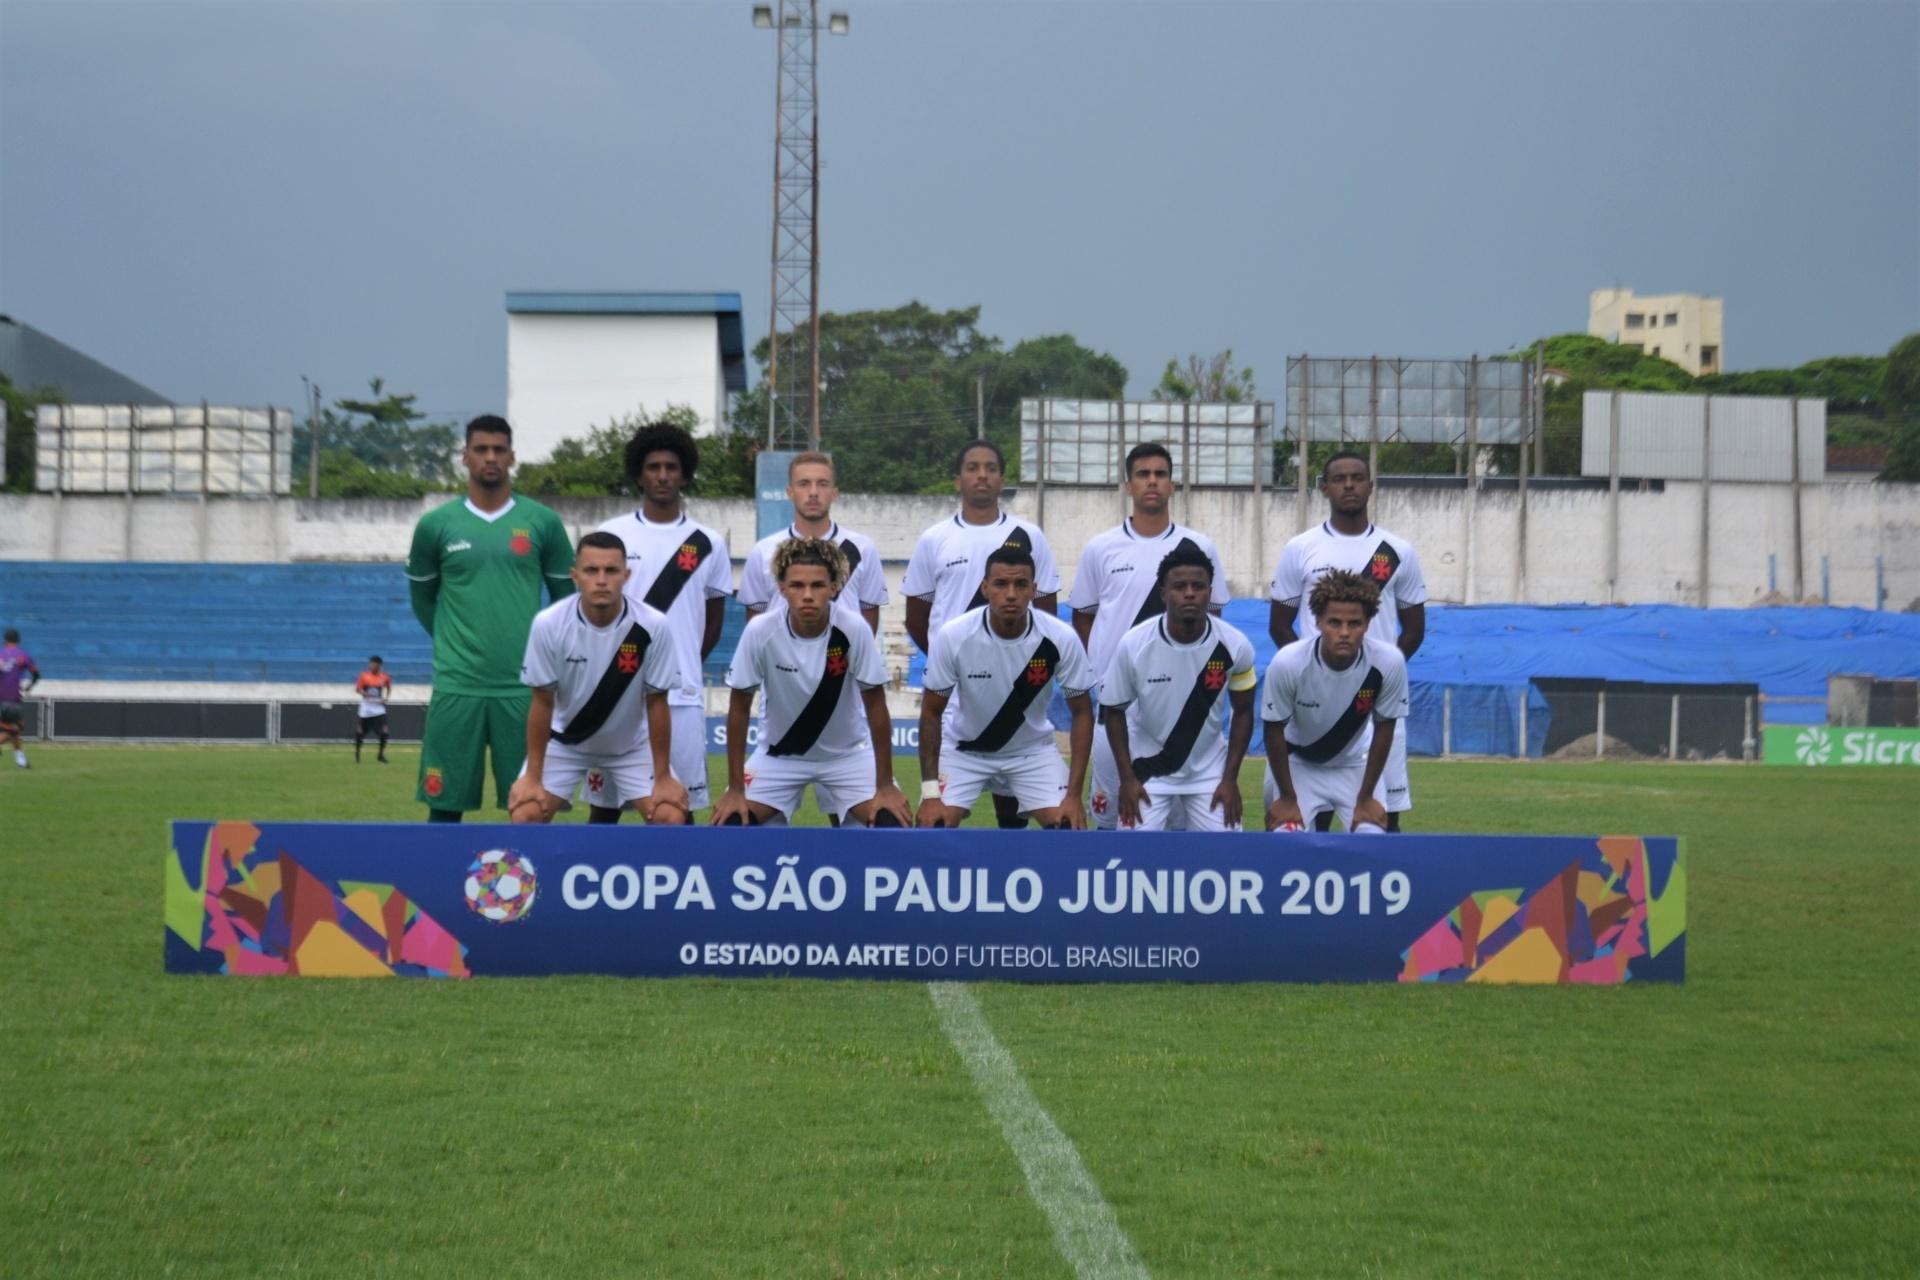 Vasco tropeça com Tubarão e deixa decisão na Copinha para última rodada -  Esporte - BOL cf4544612313d